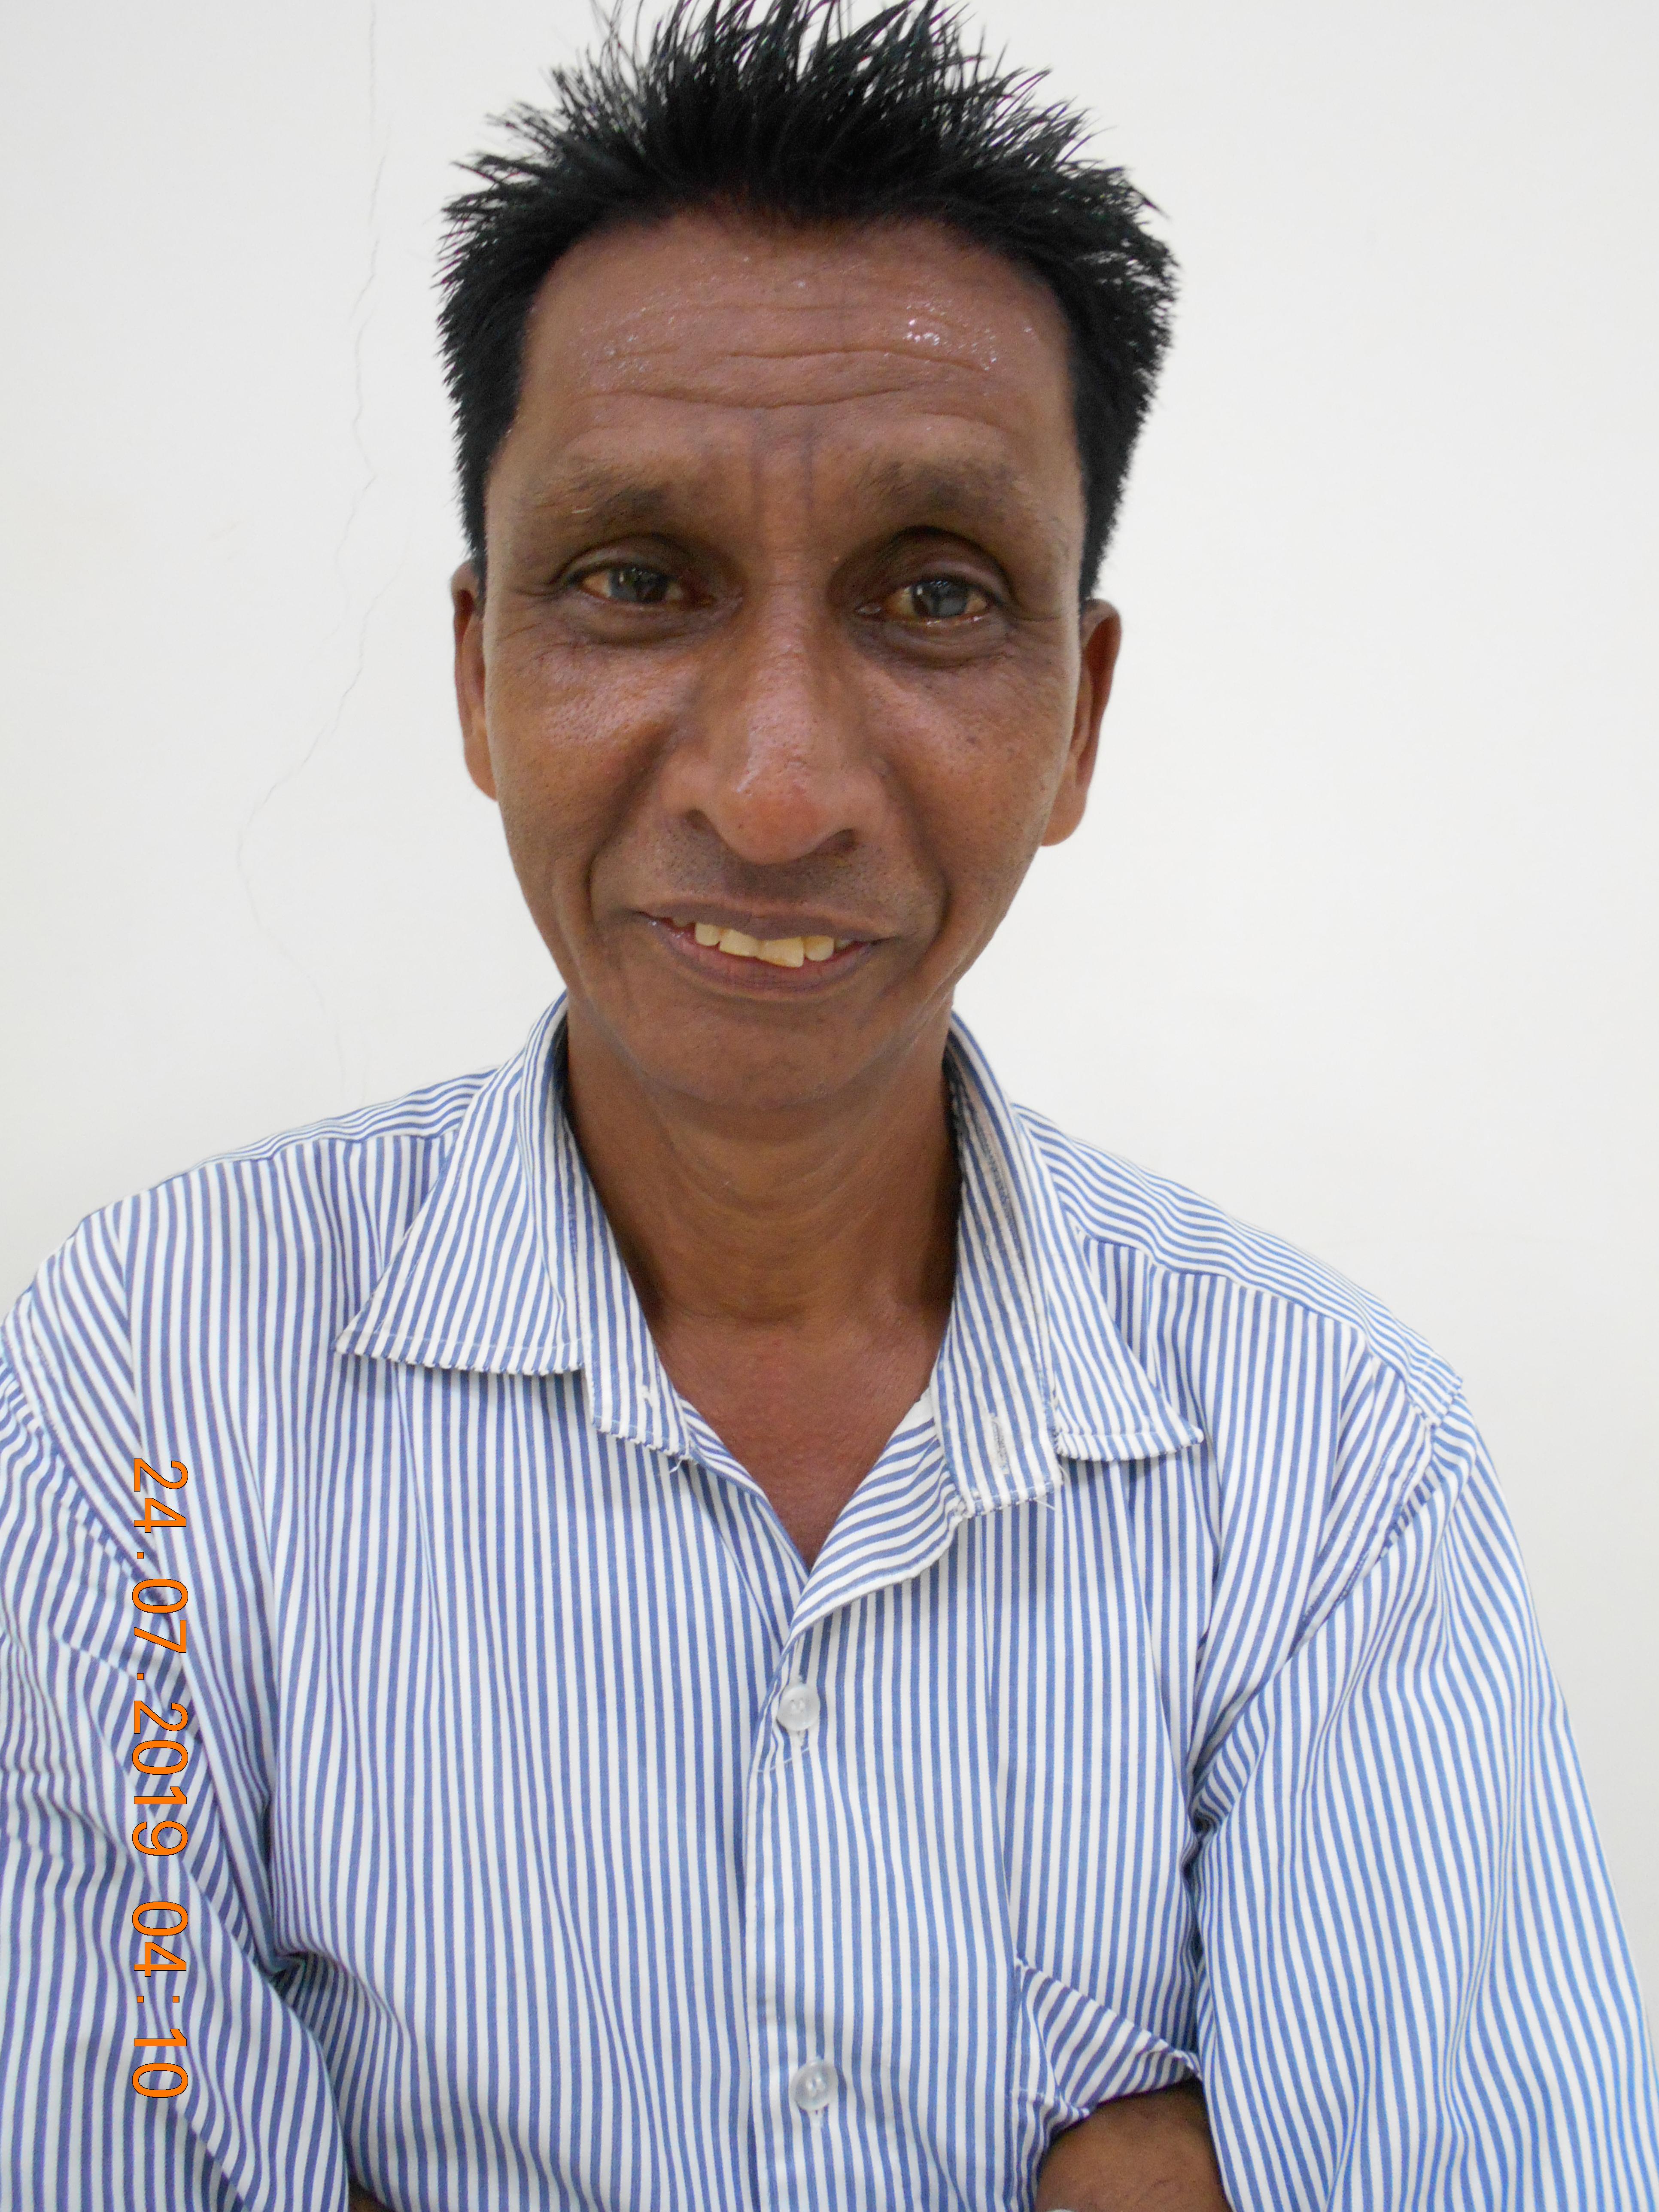 Salimbhai Chauhan